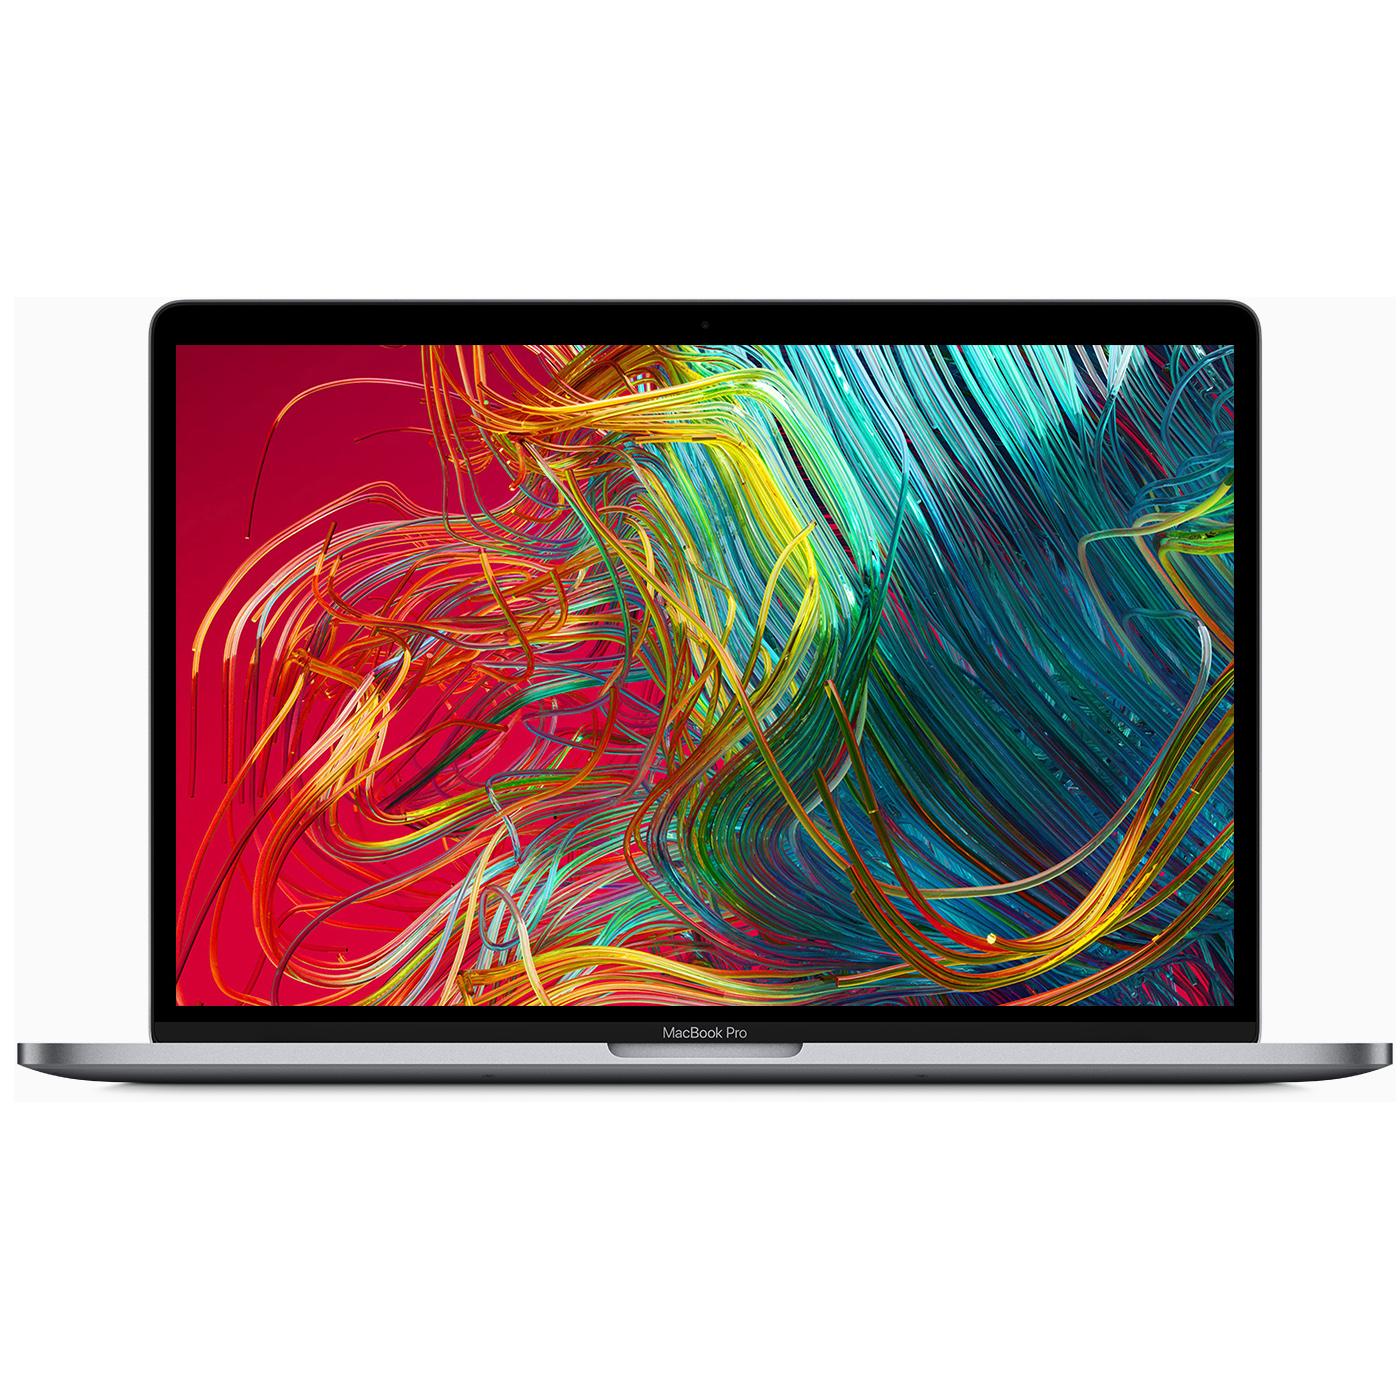 MV912- Macbook Pro 15 inch 2019/ 8 Core/ i9/ 16GB/ 512GB/ PRO 560X 4GB/ New 99%